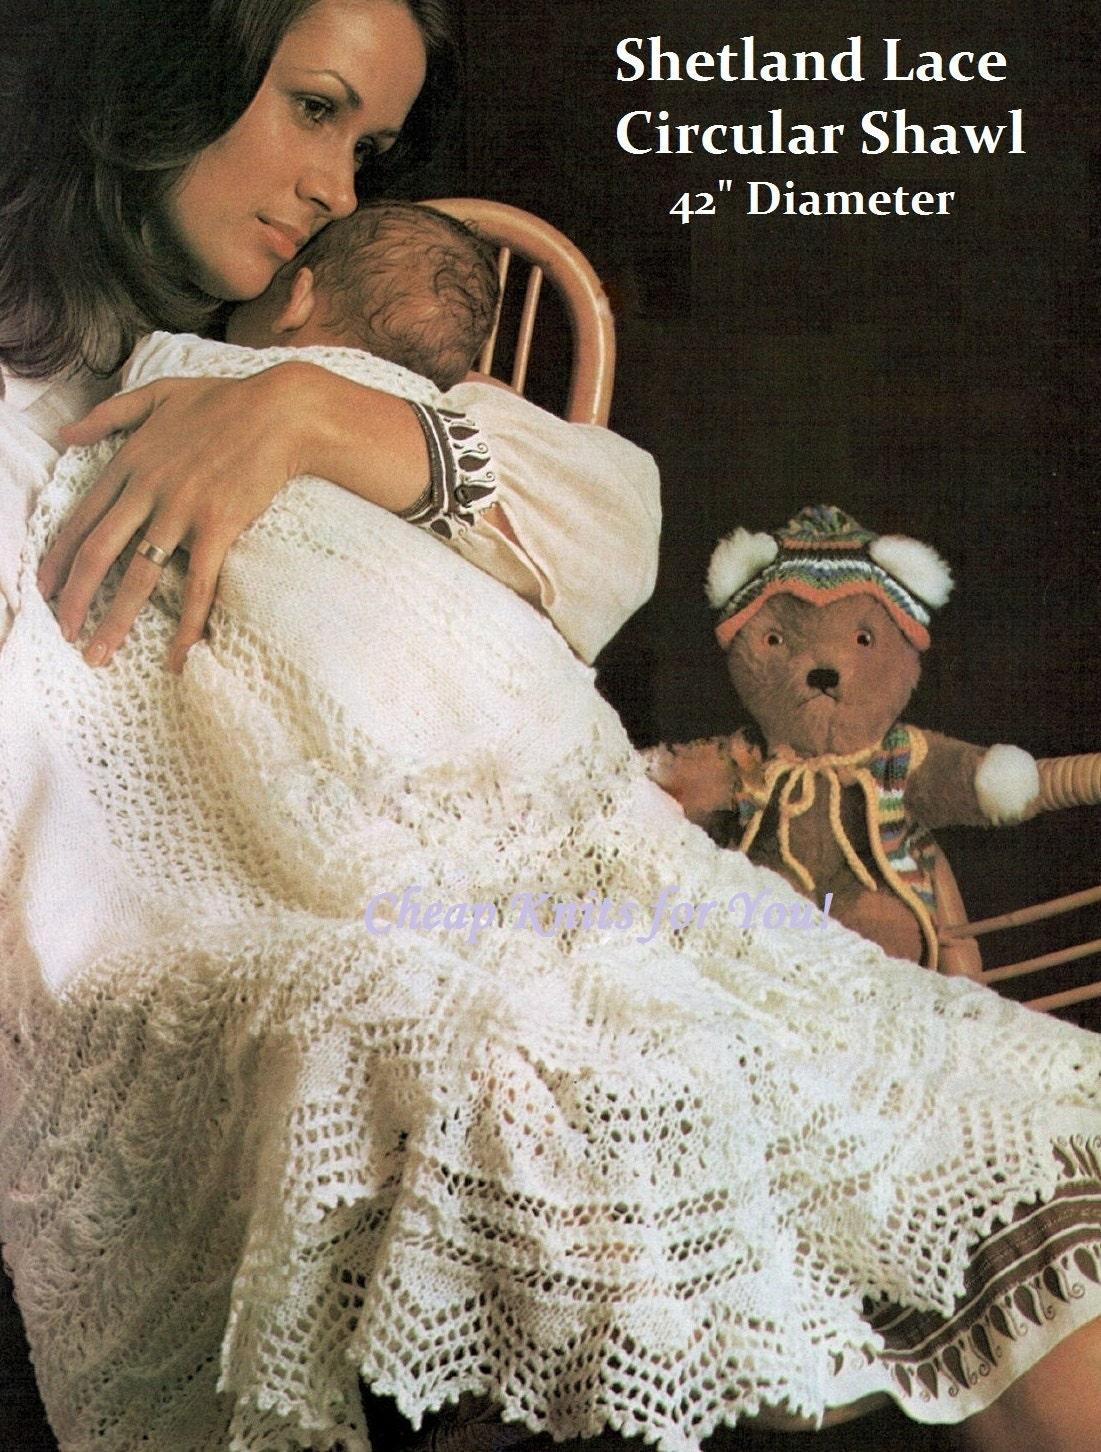 Baby Shetland 2 ply Lace Circular Shawl Vintage Knitting